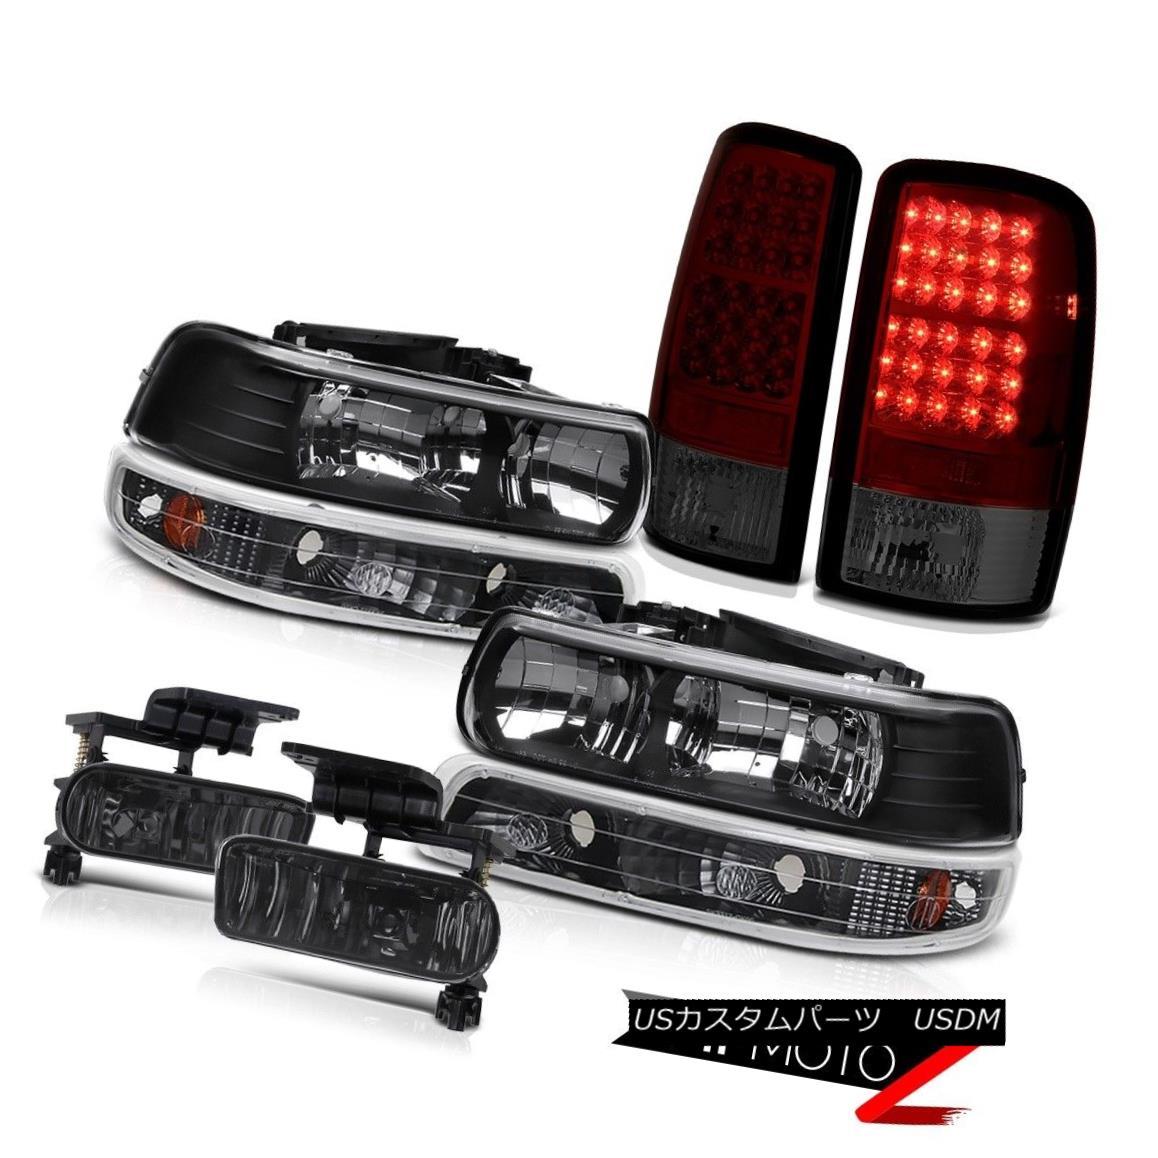 テールライト Headlights Black Parking LED Bulbs Tail Lights Driving Fog 00-06 Suburban LS ヘッドライトブラックパーキングLED電球テールライトドライビングフォグ00-06 Suburban LS